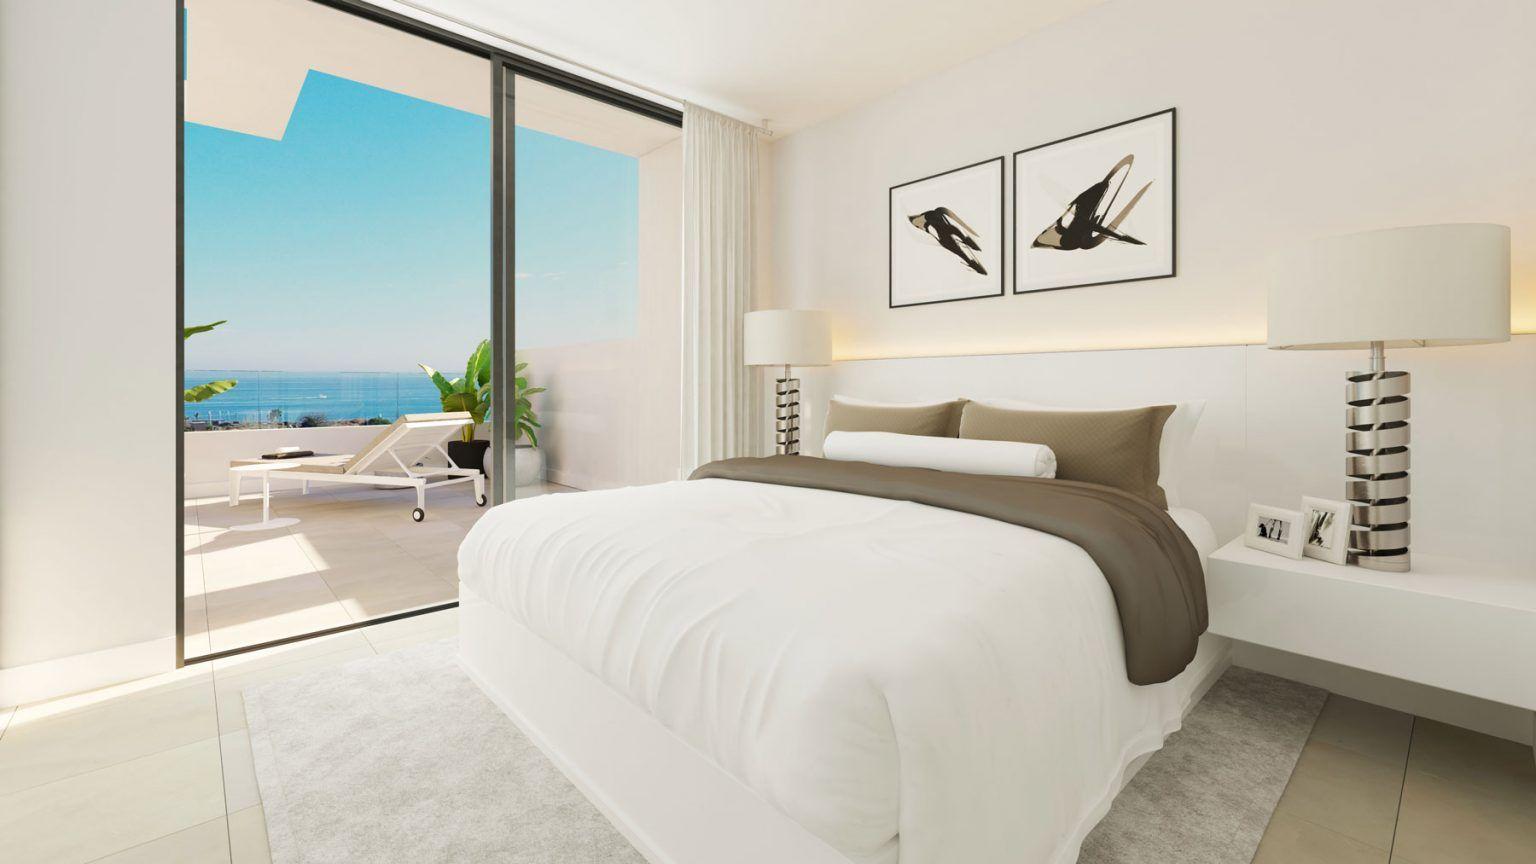 LAS-OLAS-apartments-3